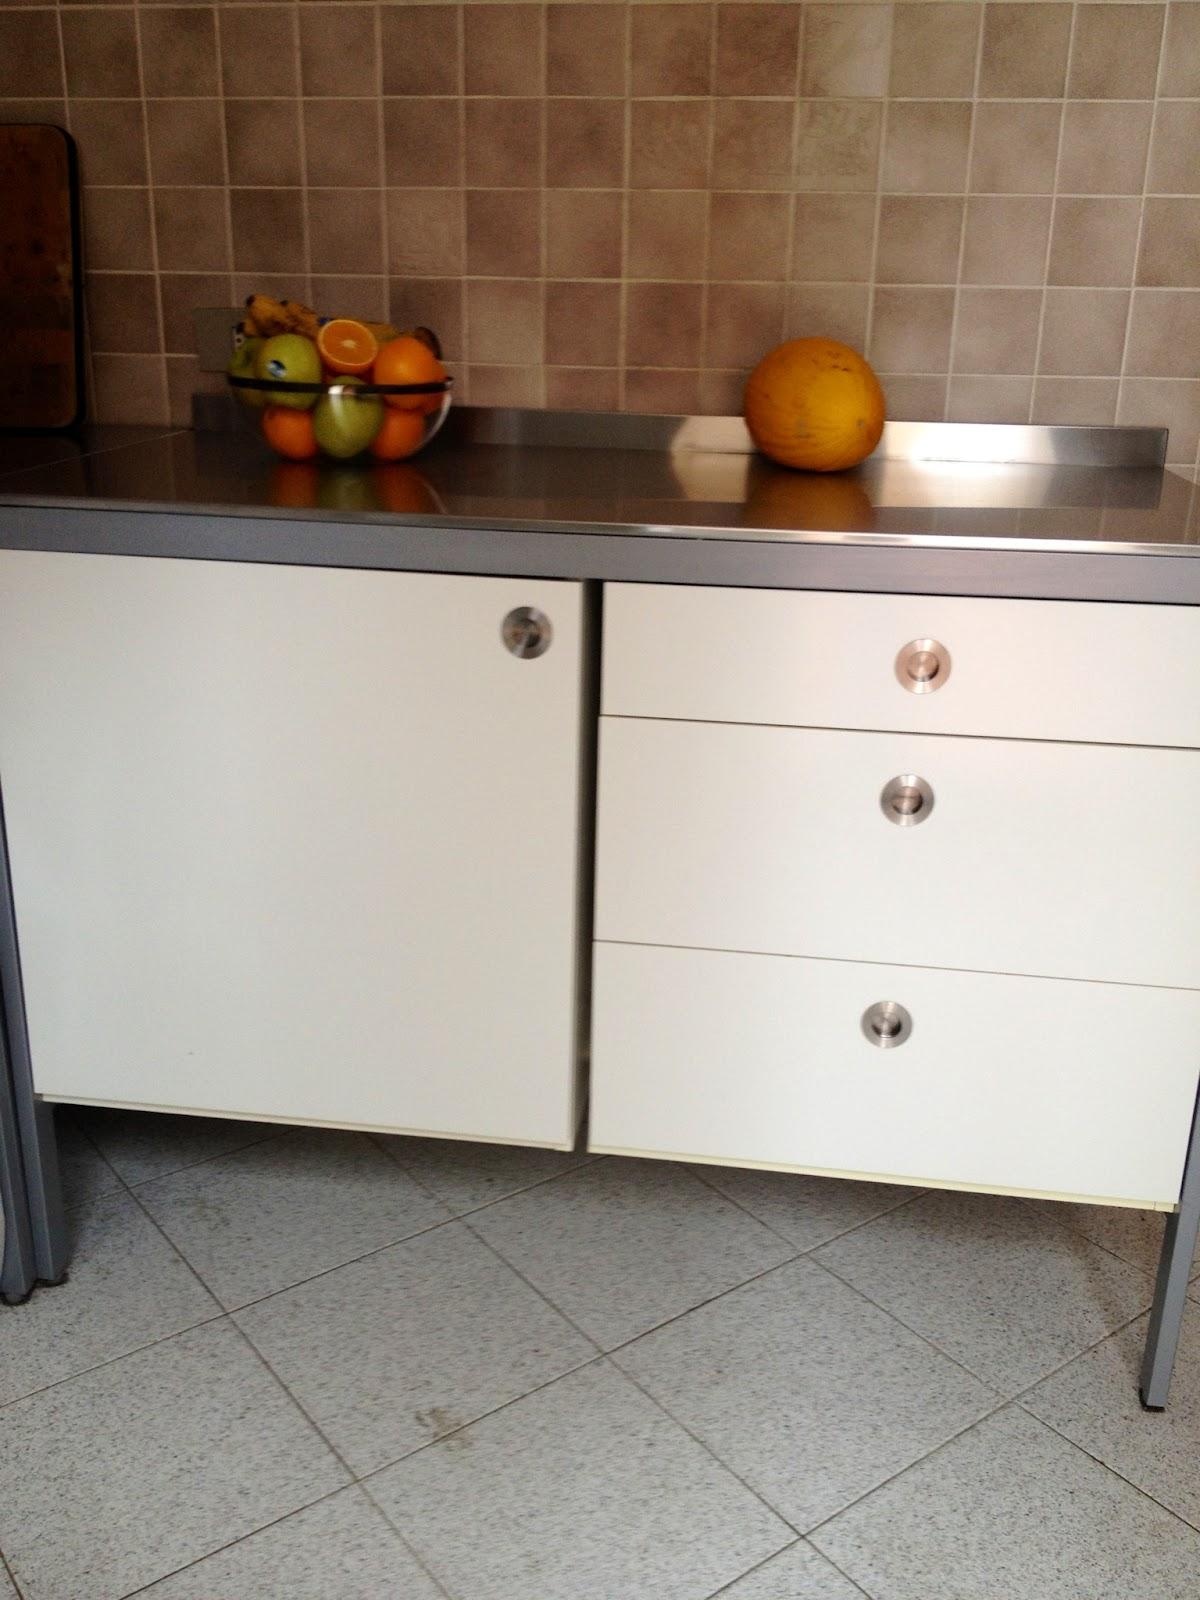 Helmer Cassettiera Con Rotelle Ikea.Divisori Cassetti Cucina Paroladordine Cucina Frigorifero